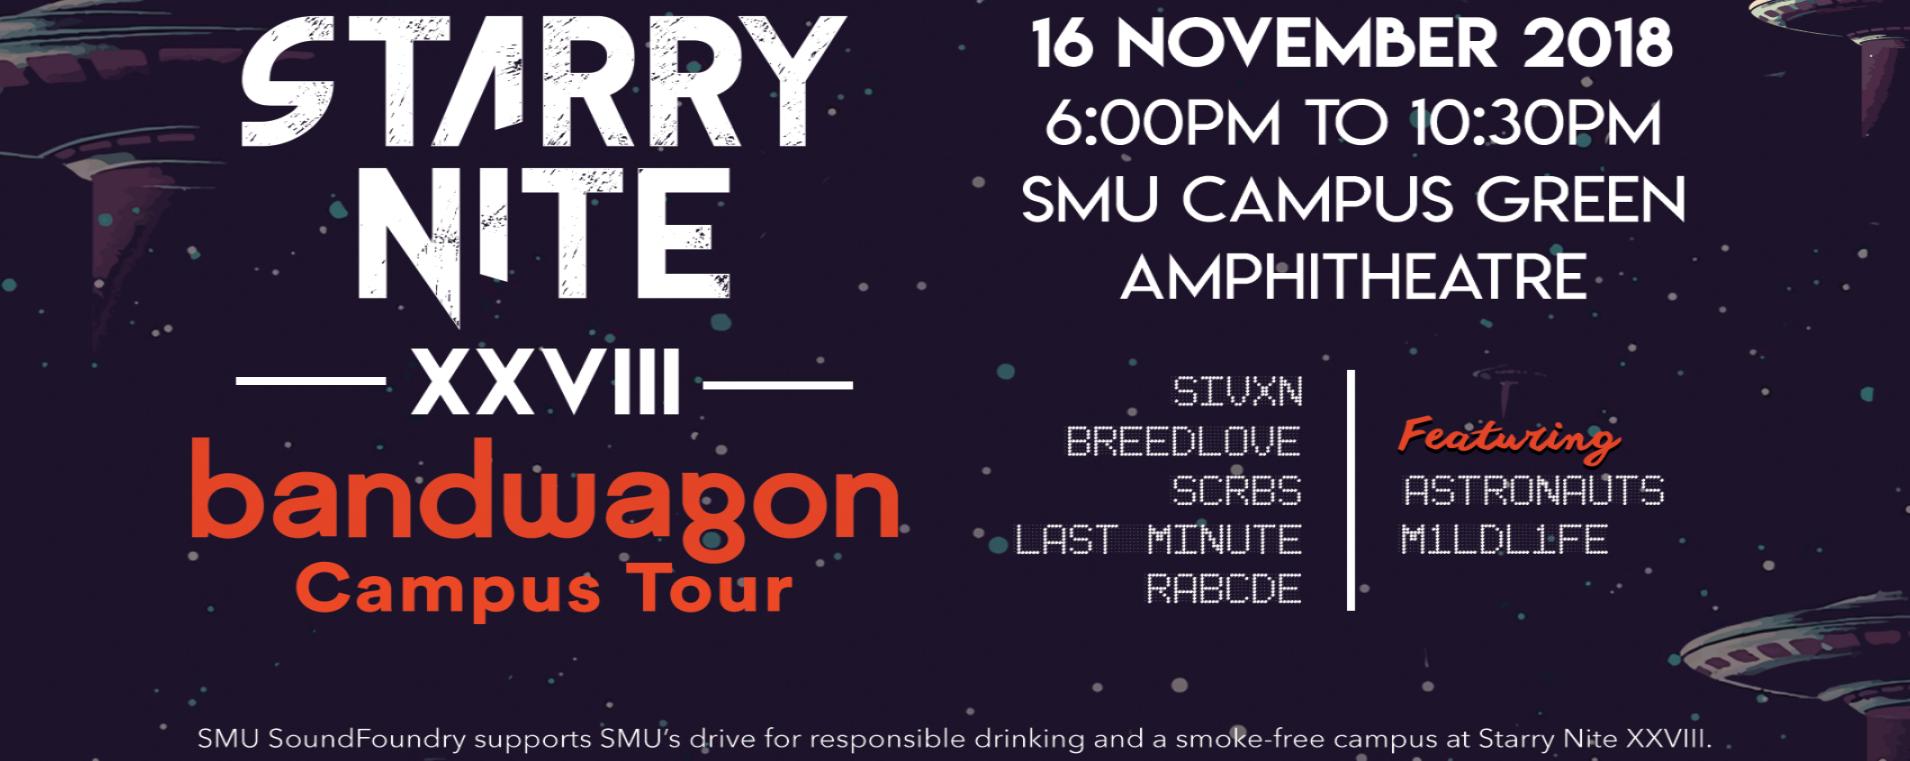 SMU Starry Nite x Bandwagon Campus Tour